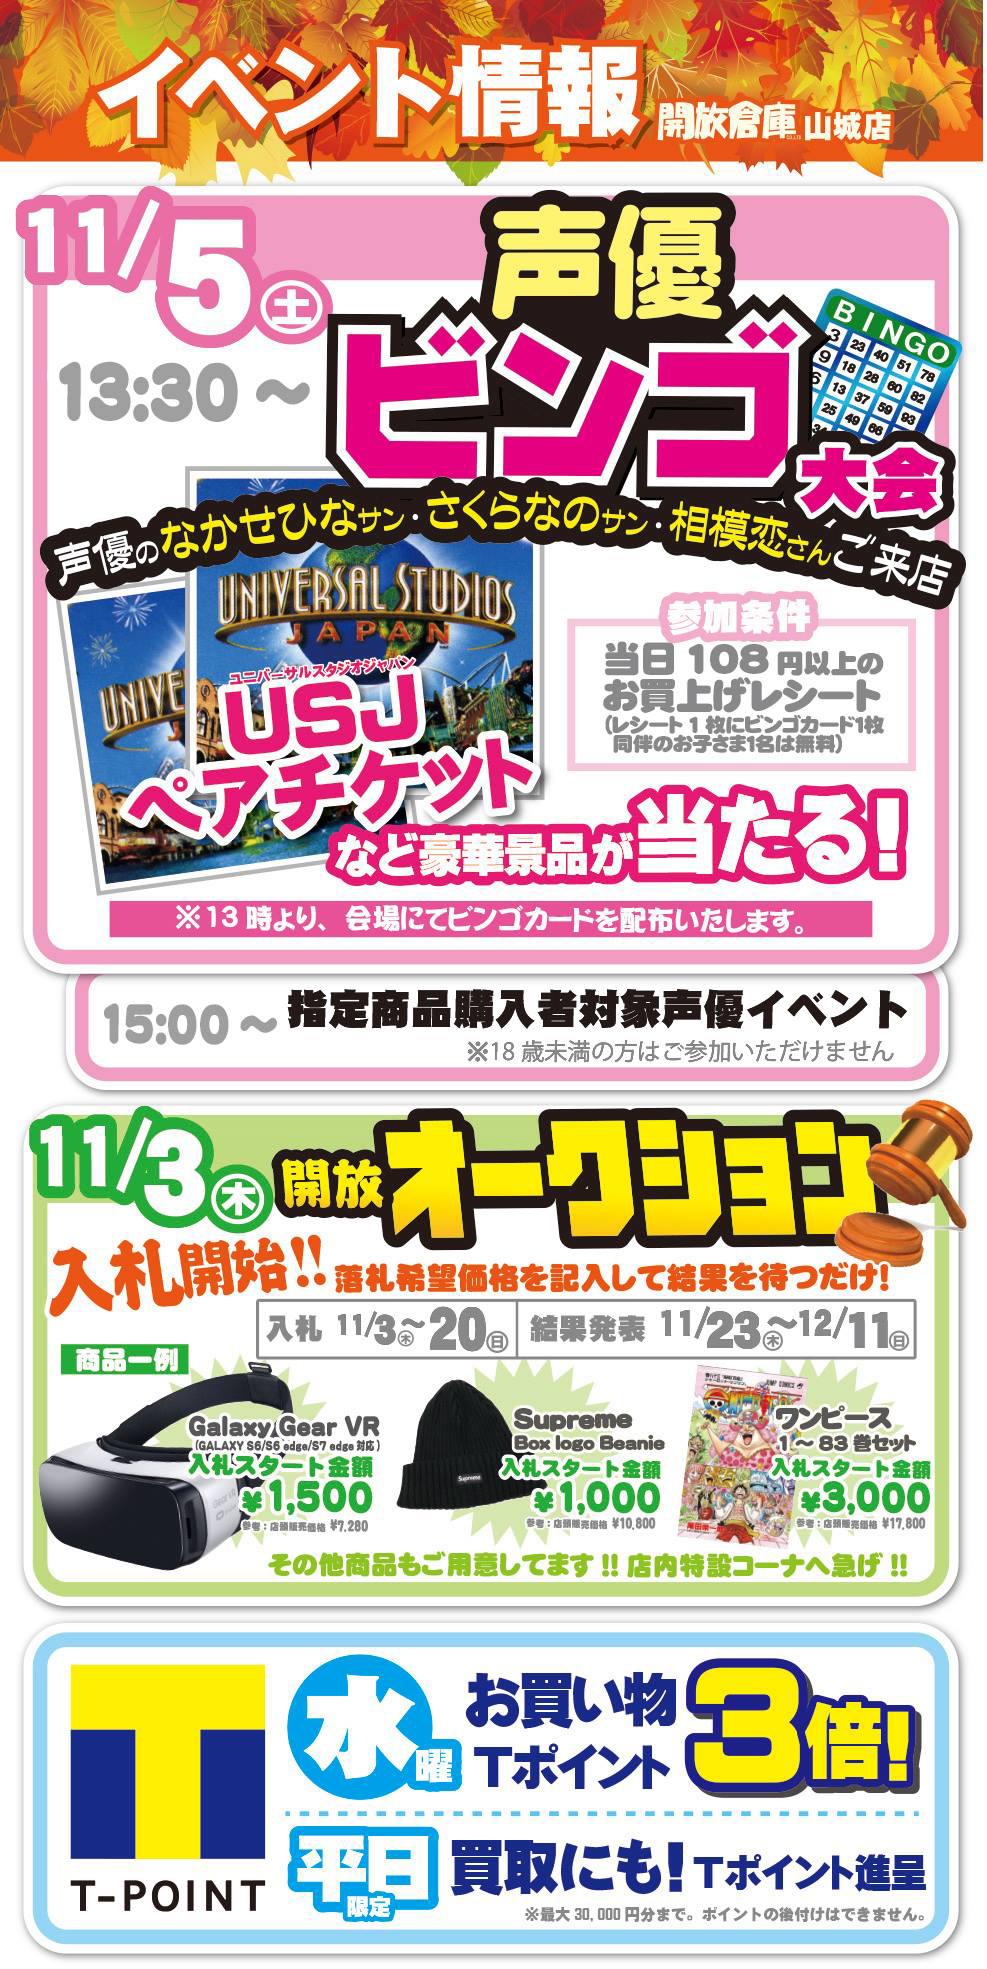 「開放倉庫山城店」11月1週目のイベント情報!!5日(土)急遽開催決定!声優ビンゴ大会!